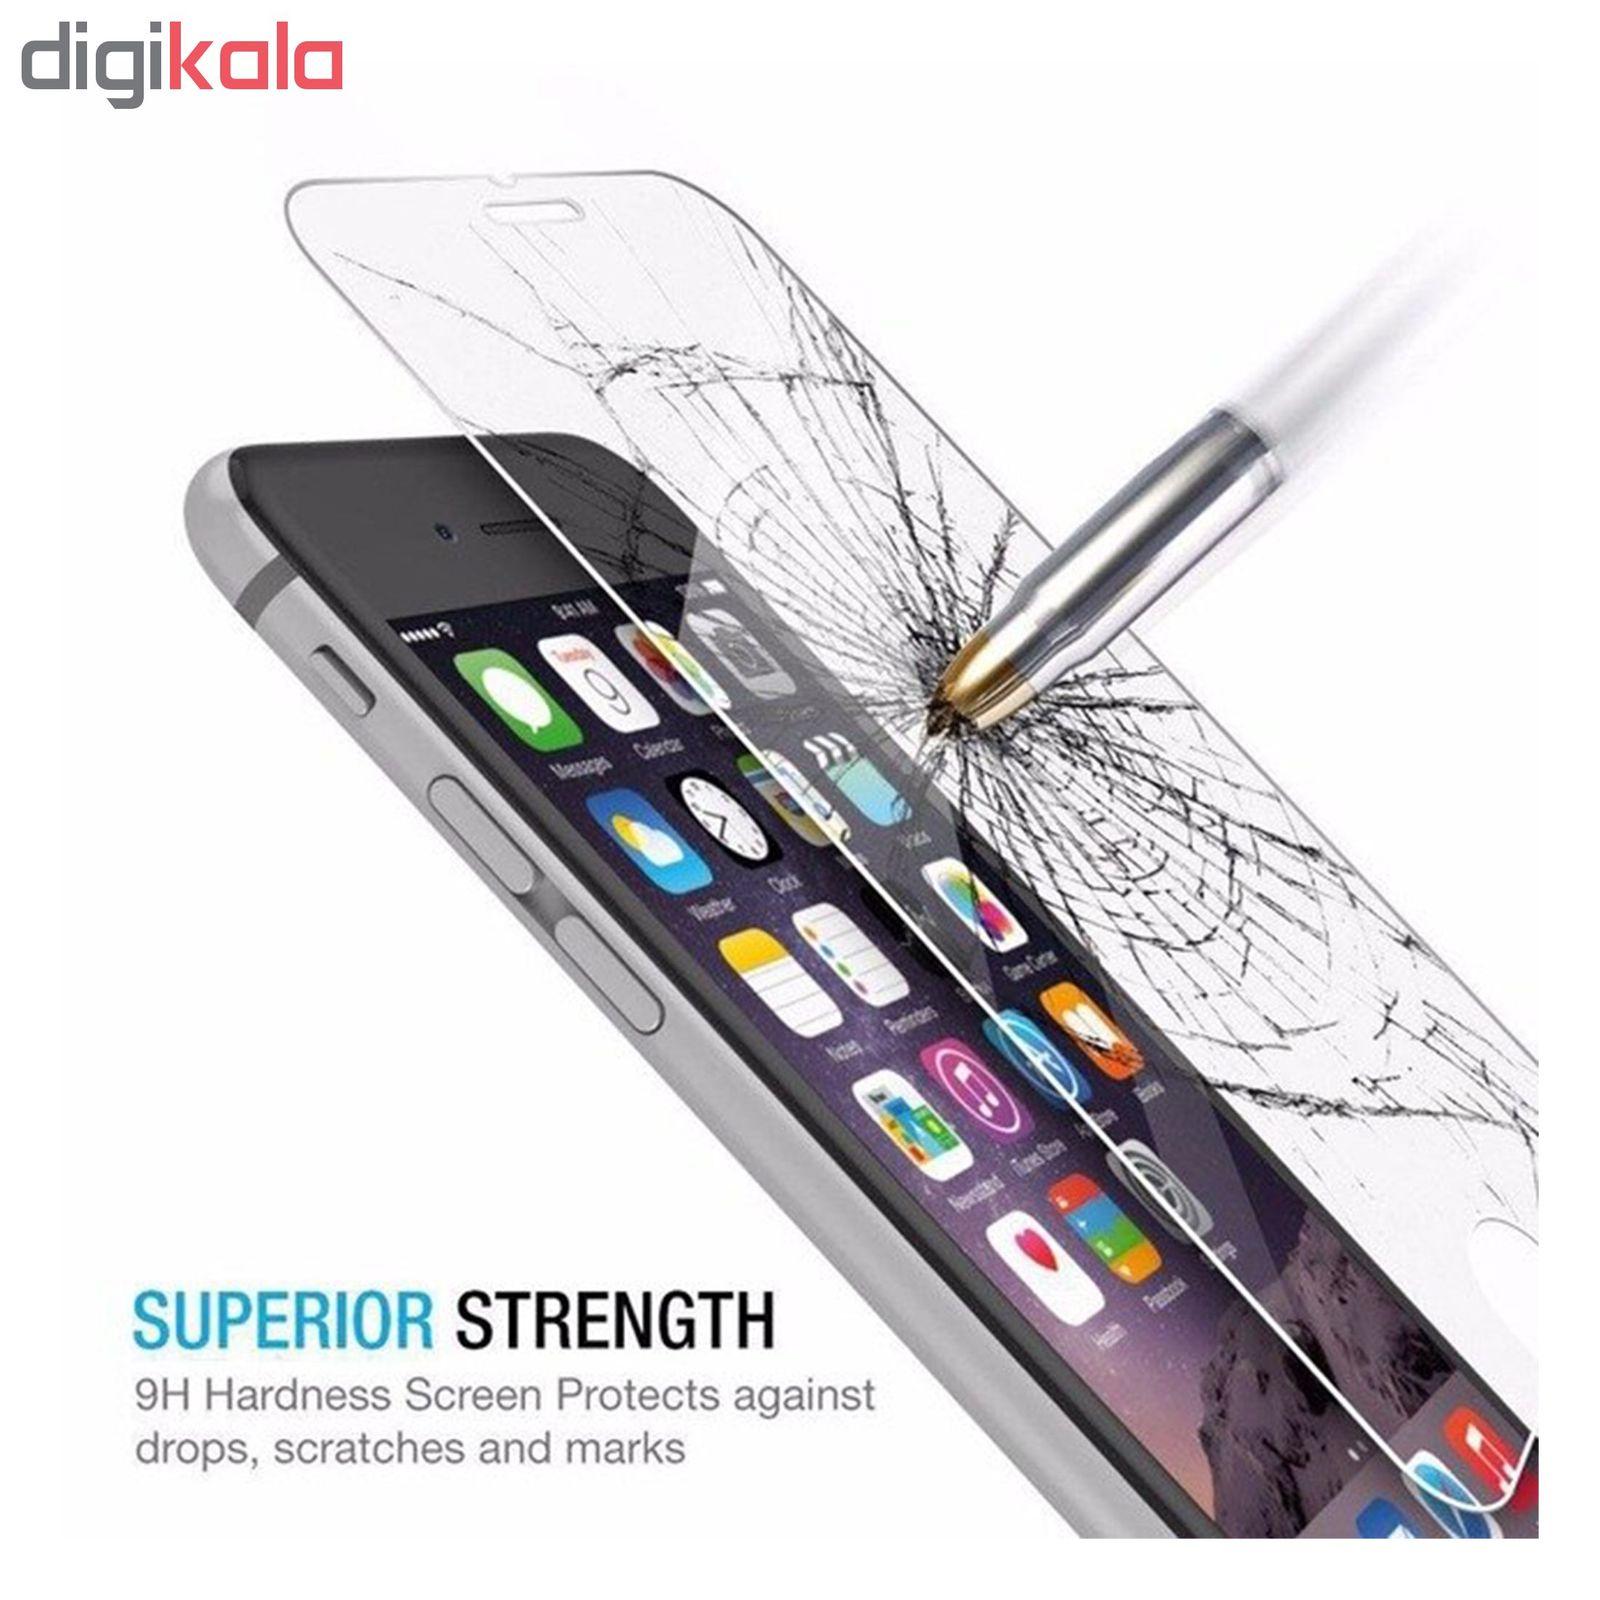 محافظ صفحه نمایش Hard and thick مدل F-001 مناسب برای گوشی موبایل سامسونگ Galaxy Note 8 main 1 3